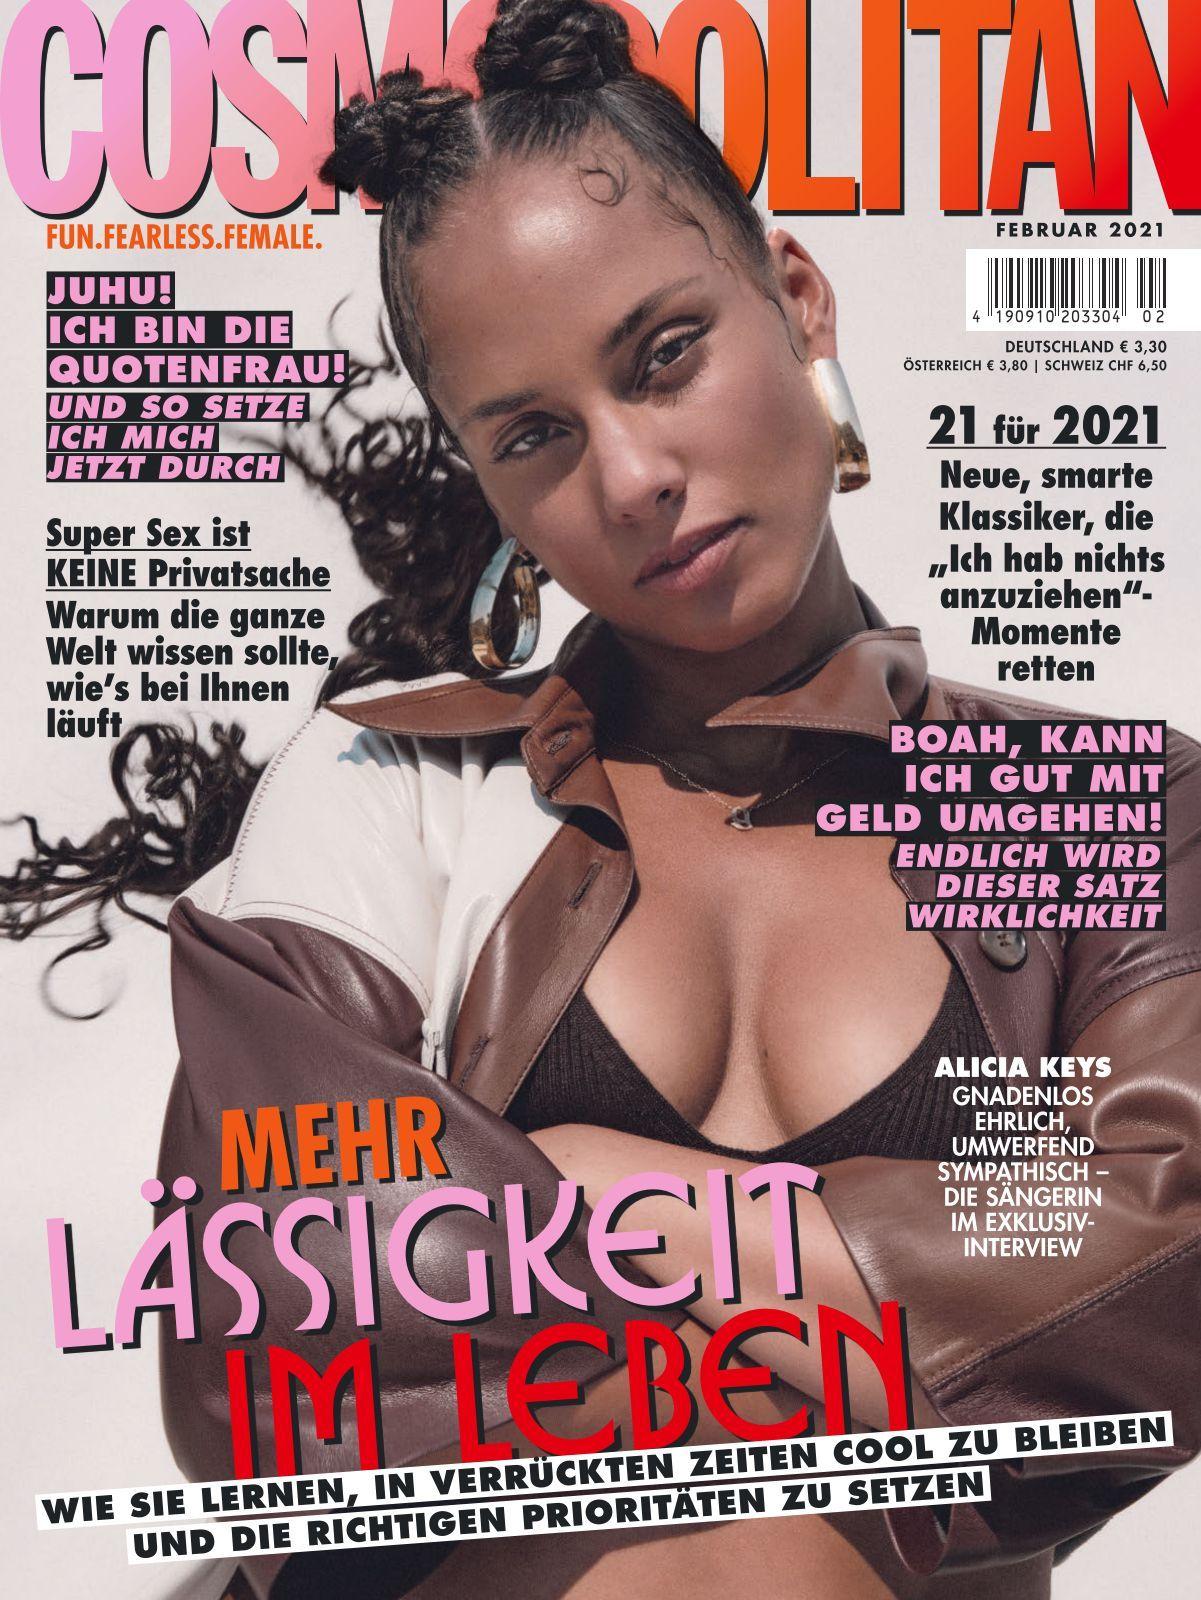 Die fette Cassie Right verbringt sexy Wochenende in Thailand